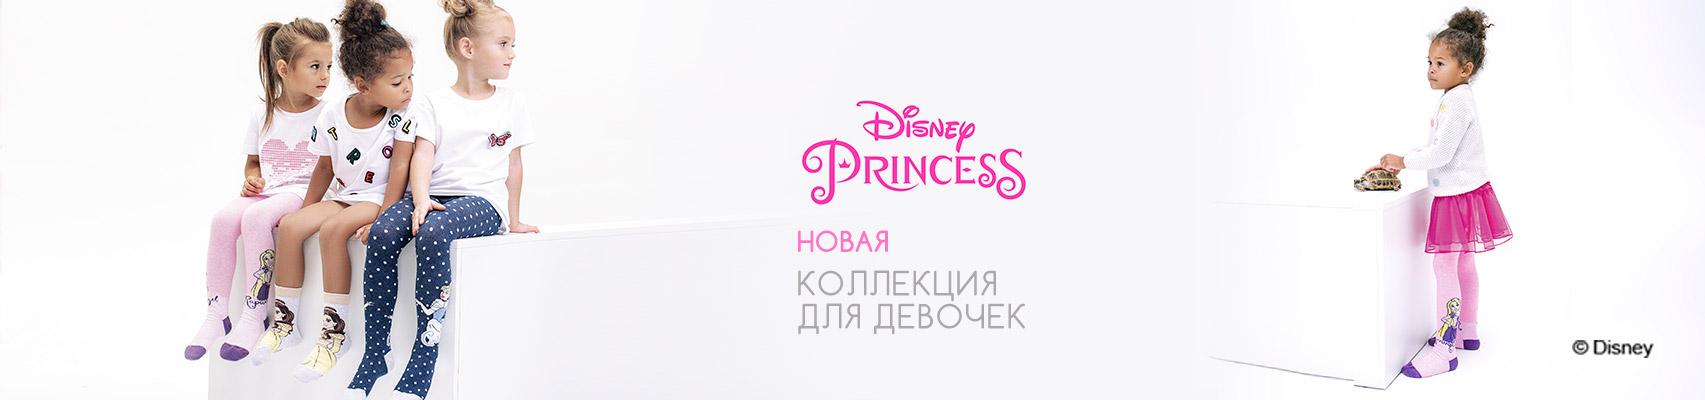 Принцессы Disney в новой коллекции Conte-kids